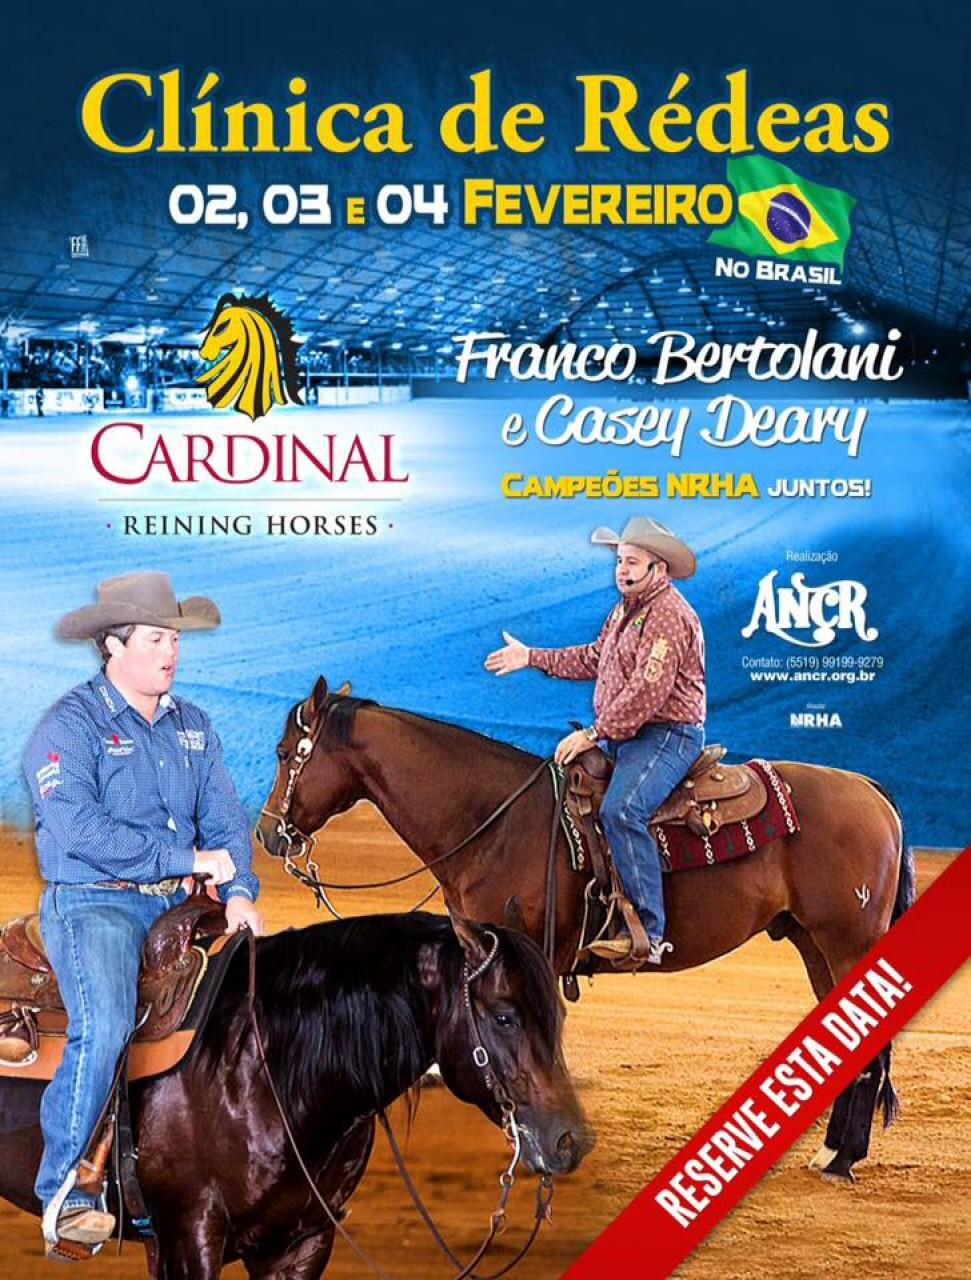 CLÍNICA DE RÉDEAS 02, 03, 04  DE FEVEREIRO